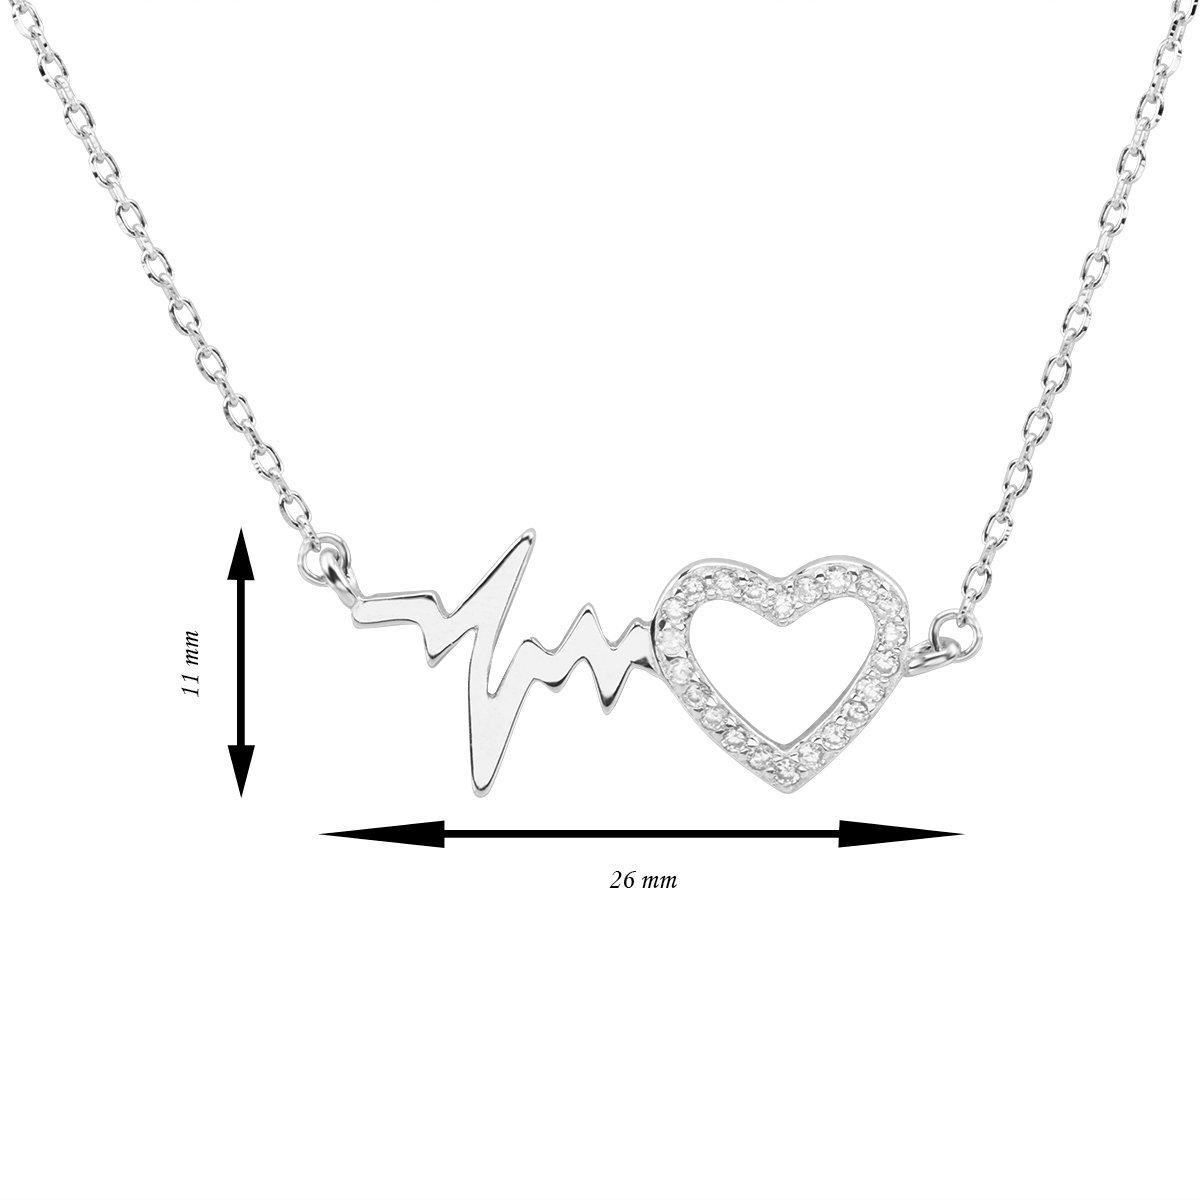 Srebrny Naszyjnik pr. 925 puls i serce Dedykacja